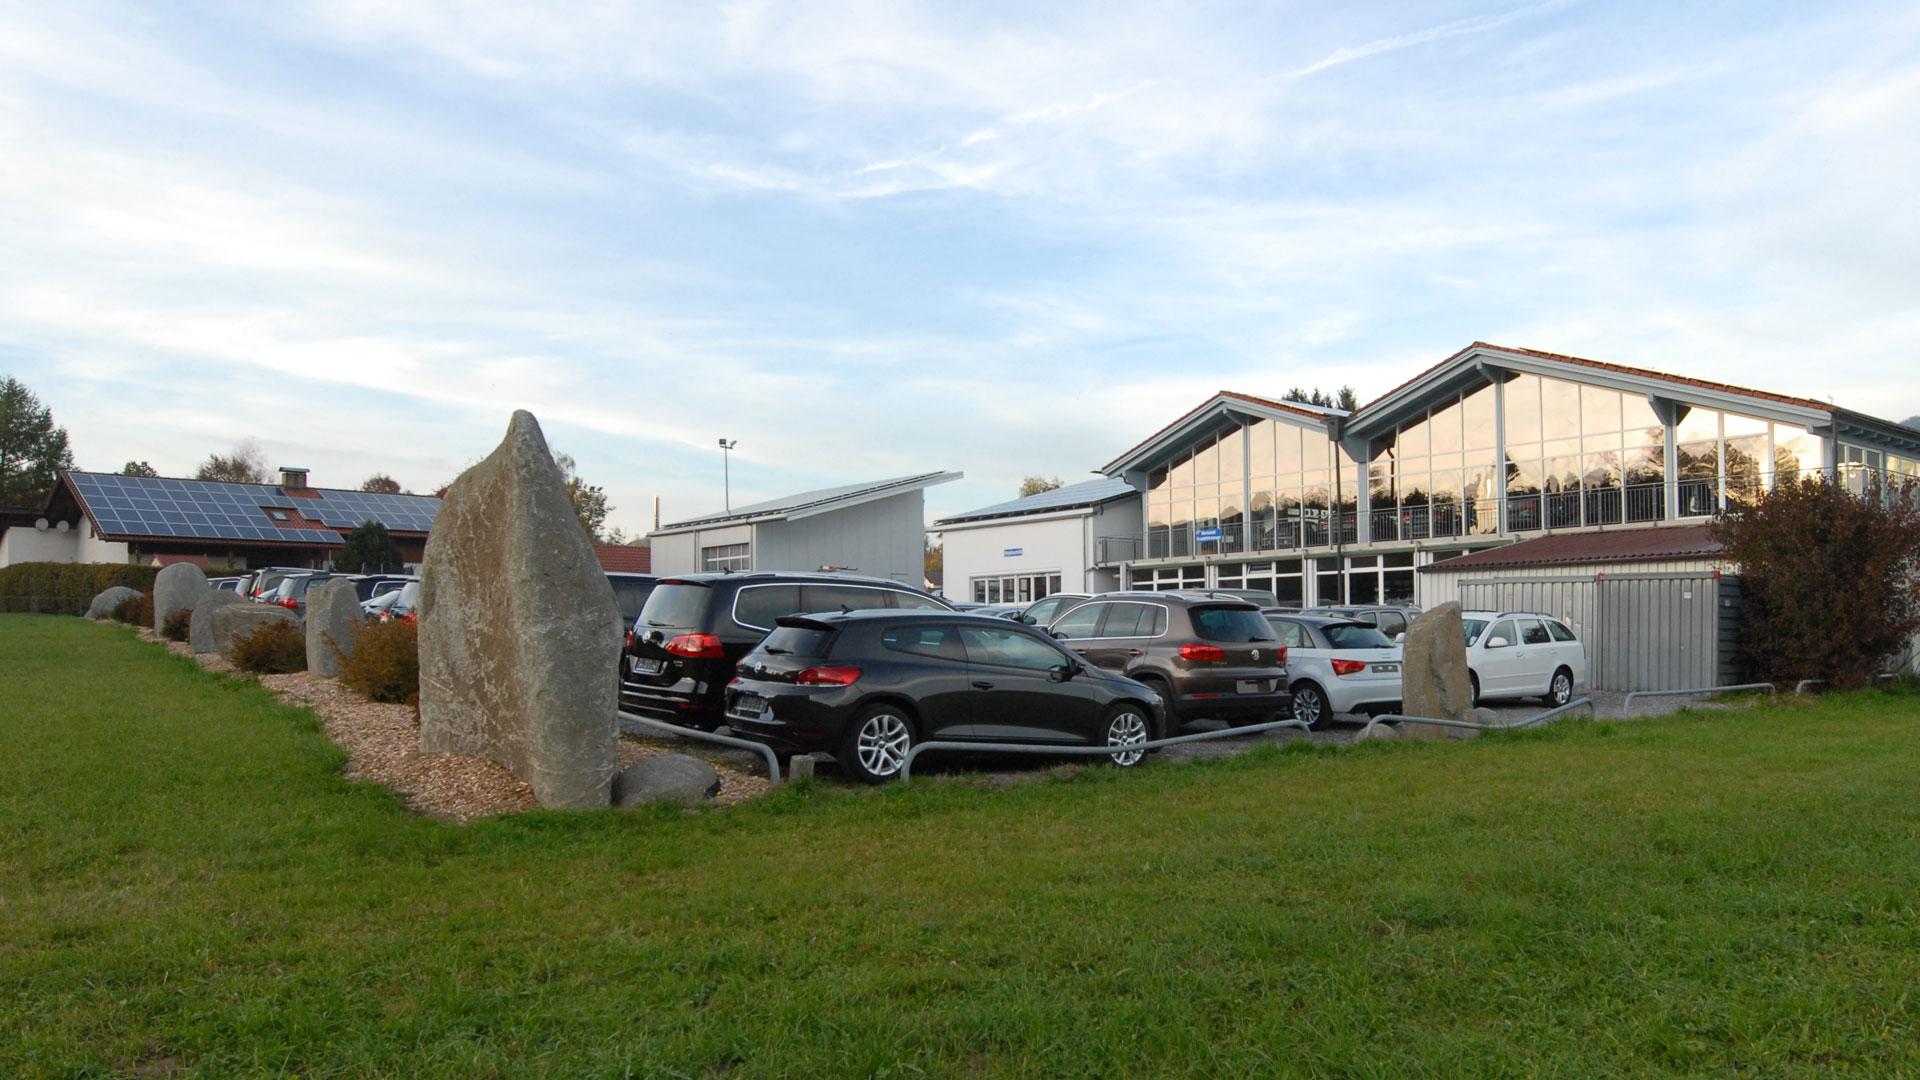 Steinsetzung rund um den Parkplatz eines Autohauses durch das Architekturbüro atelier8 in Frankfurt